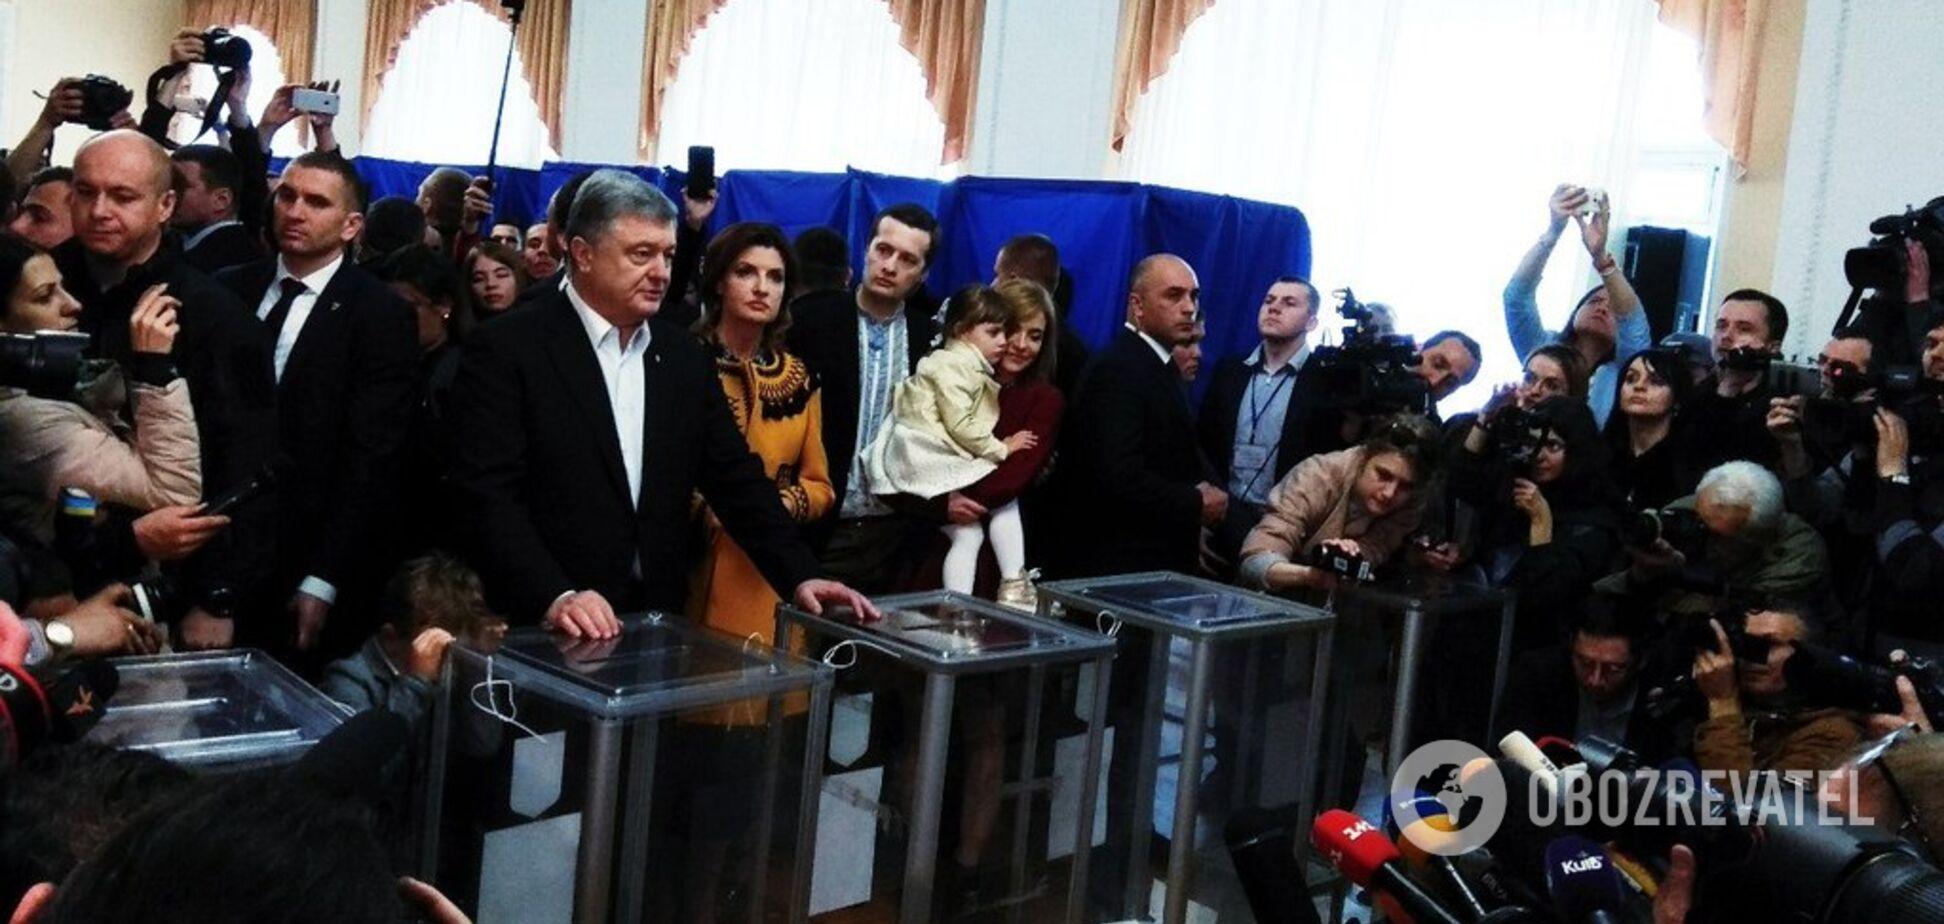 Порошенко проголосовал на выборах президента: видео